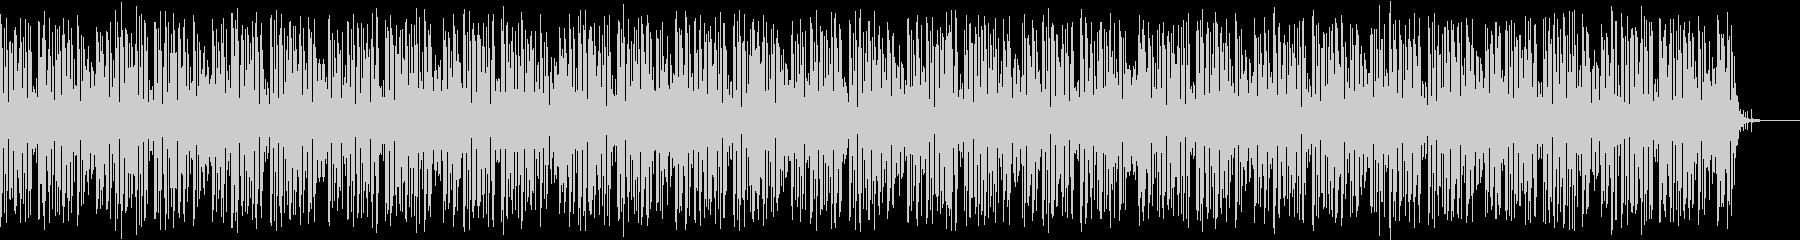 マイナーコードのお洒落なブルースBGMの未再生の波形